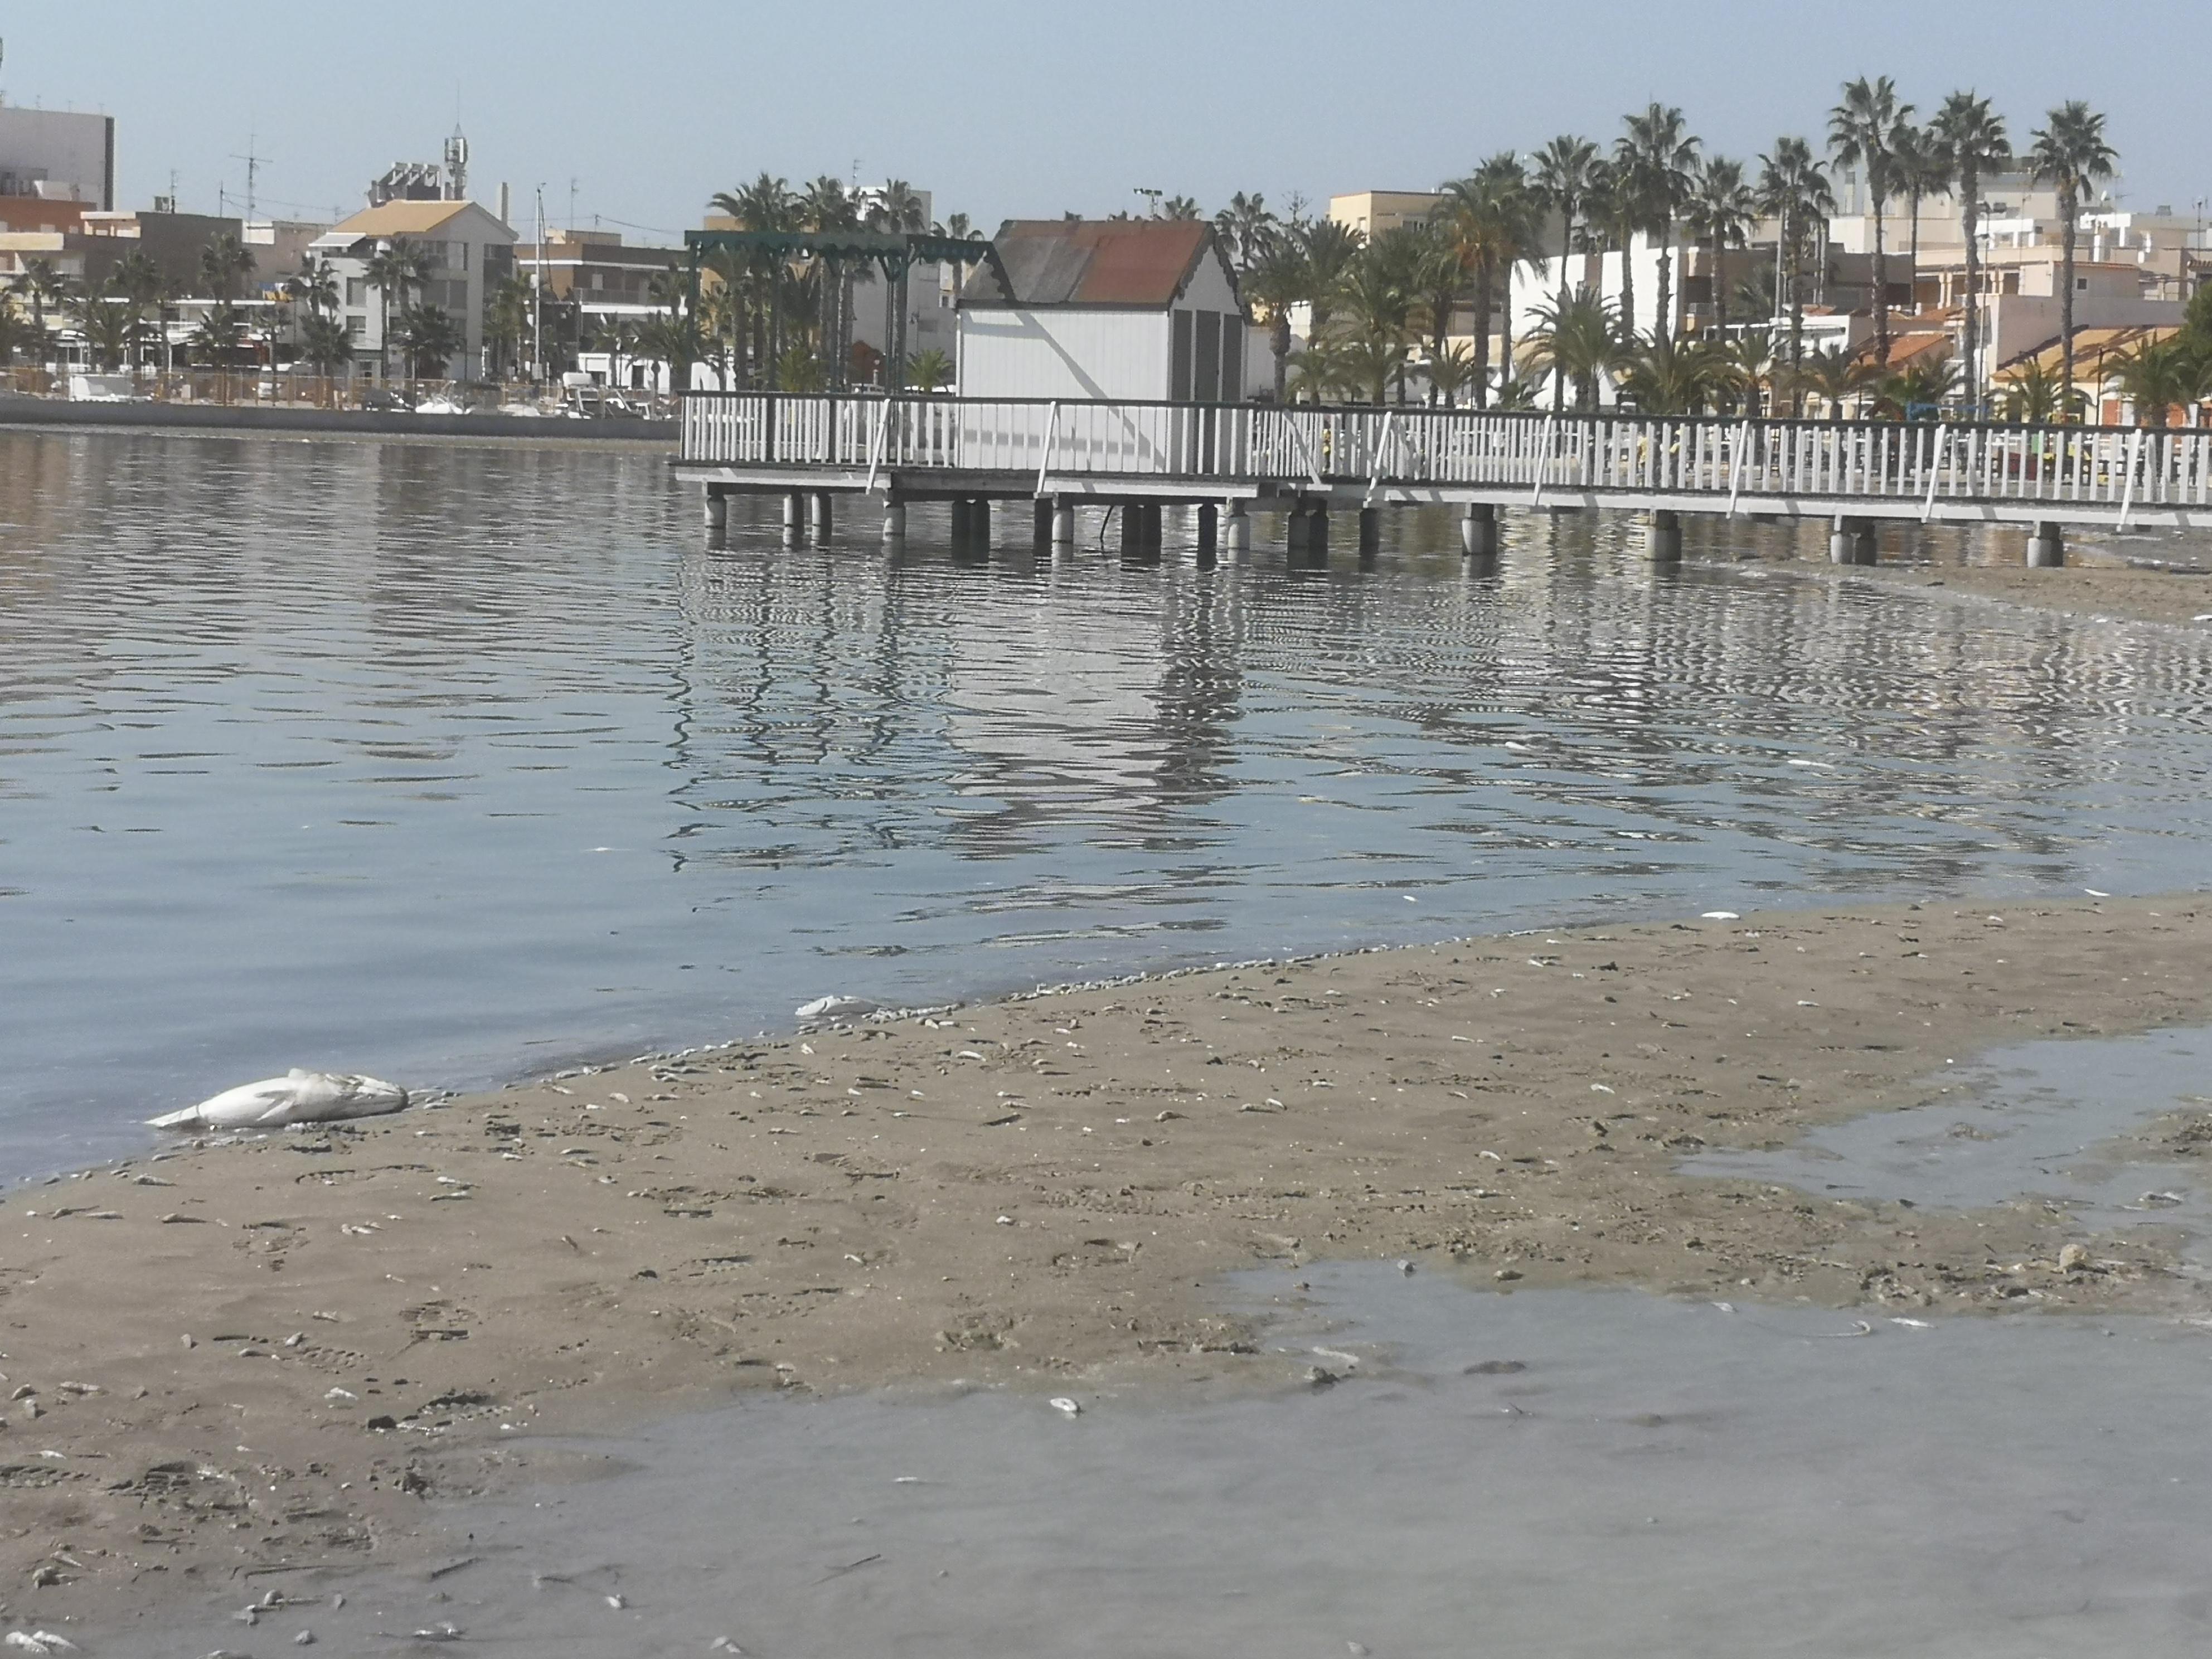 Peces muertos en la orilla del Mar Menor durante el reciente episodio de mortandad. Imagen: EEA